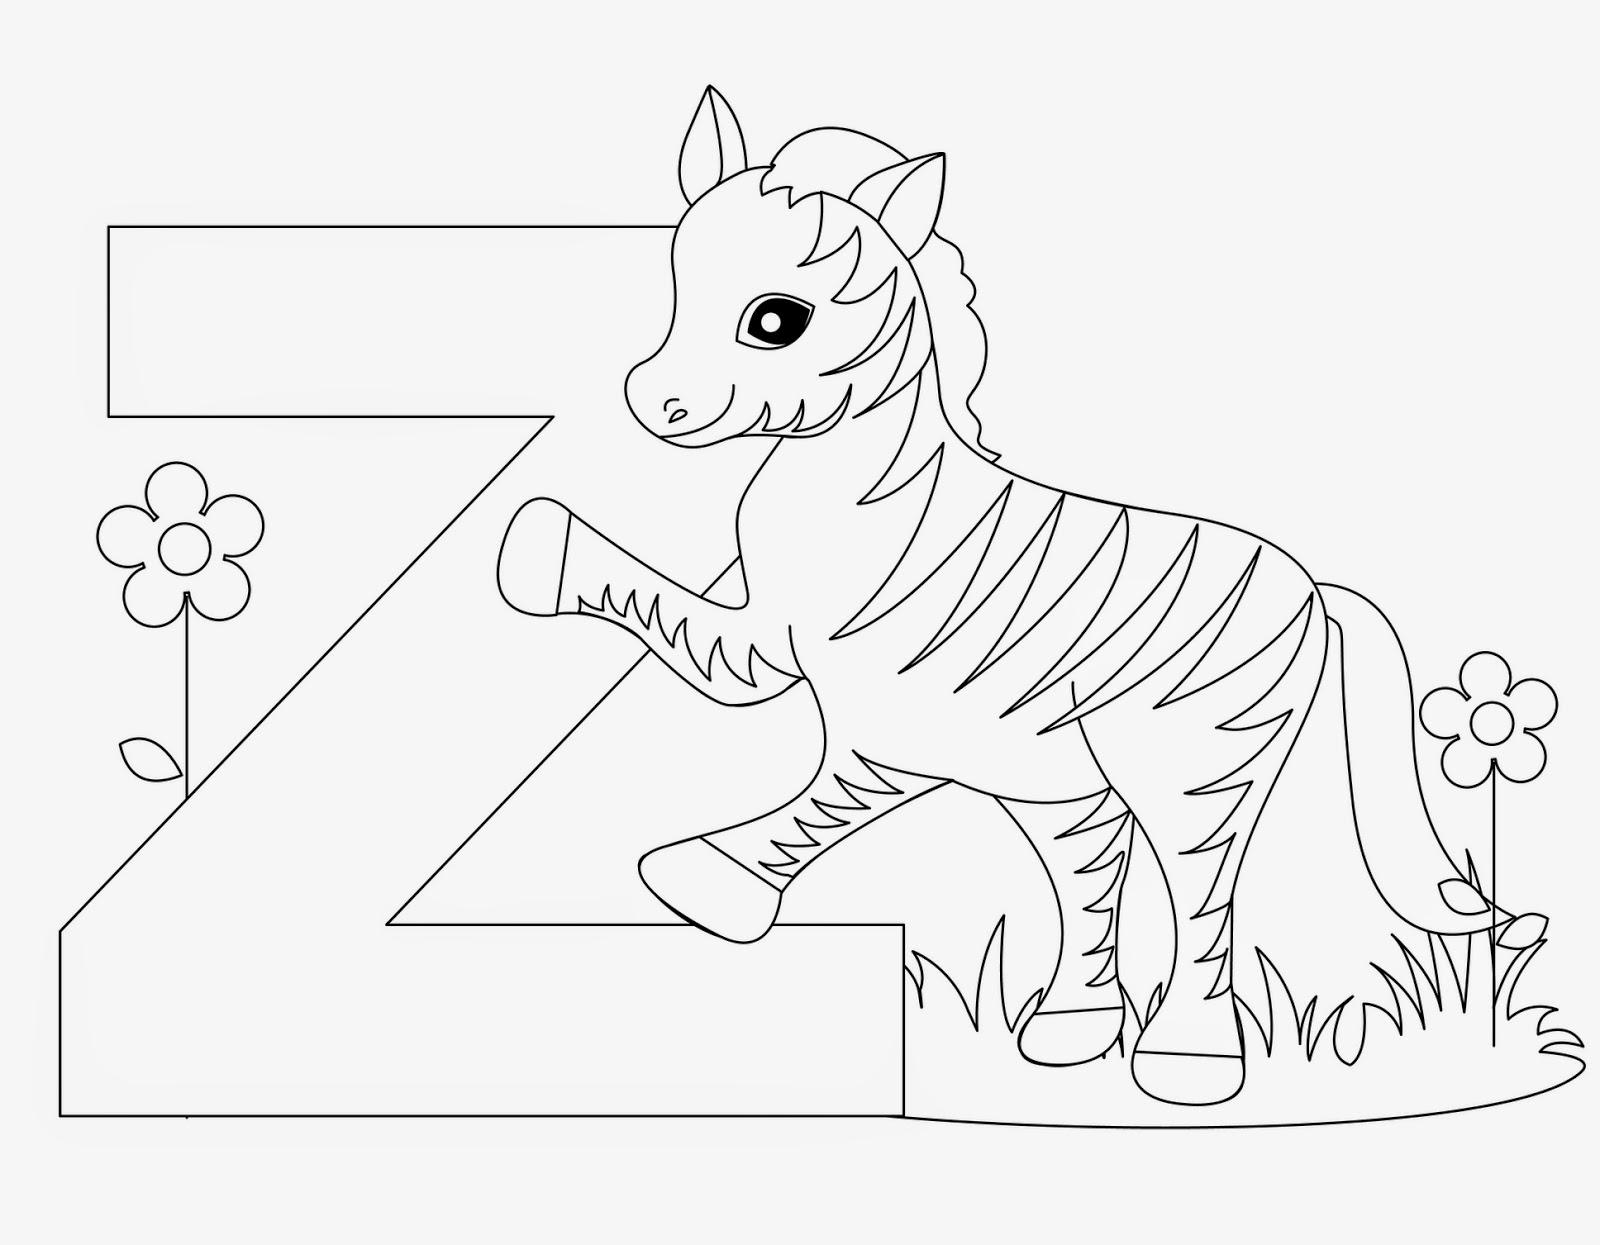 Kids Page Z Is For Zebra